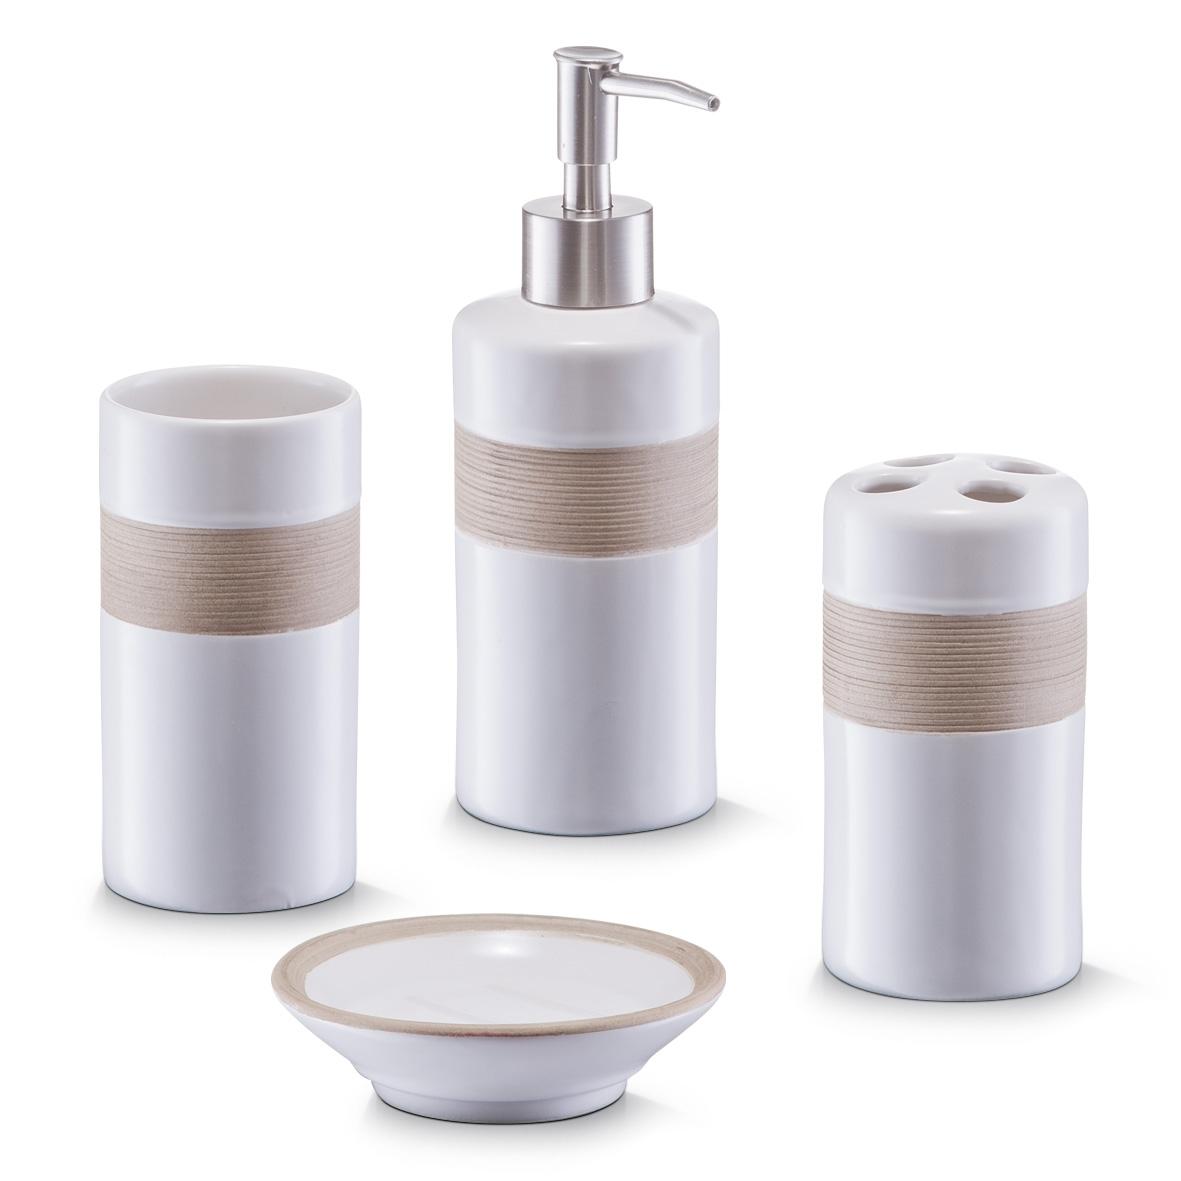 Set 4 accesorii pentru baie din ceramica, Beige / Brown imagine